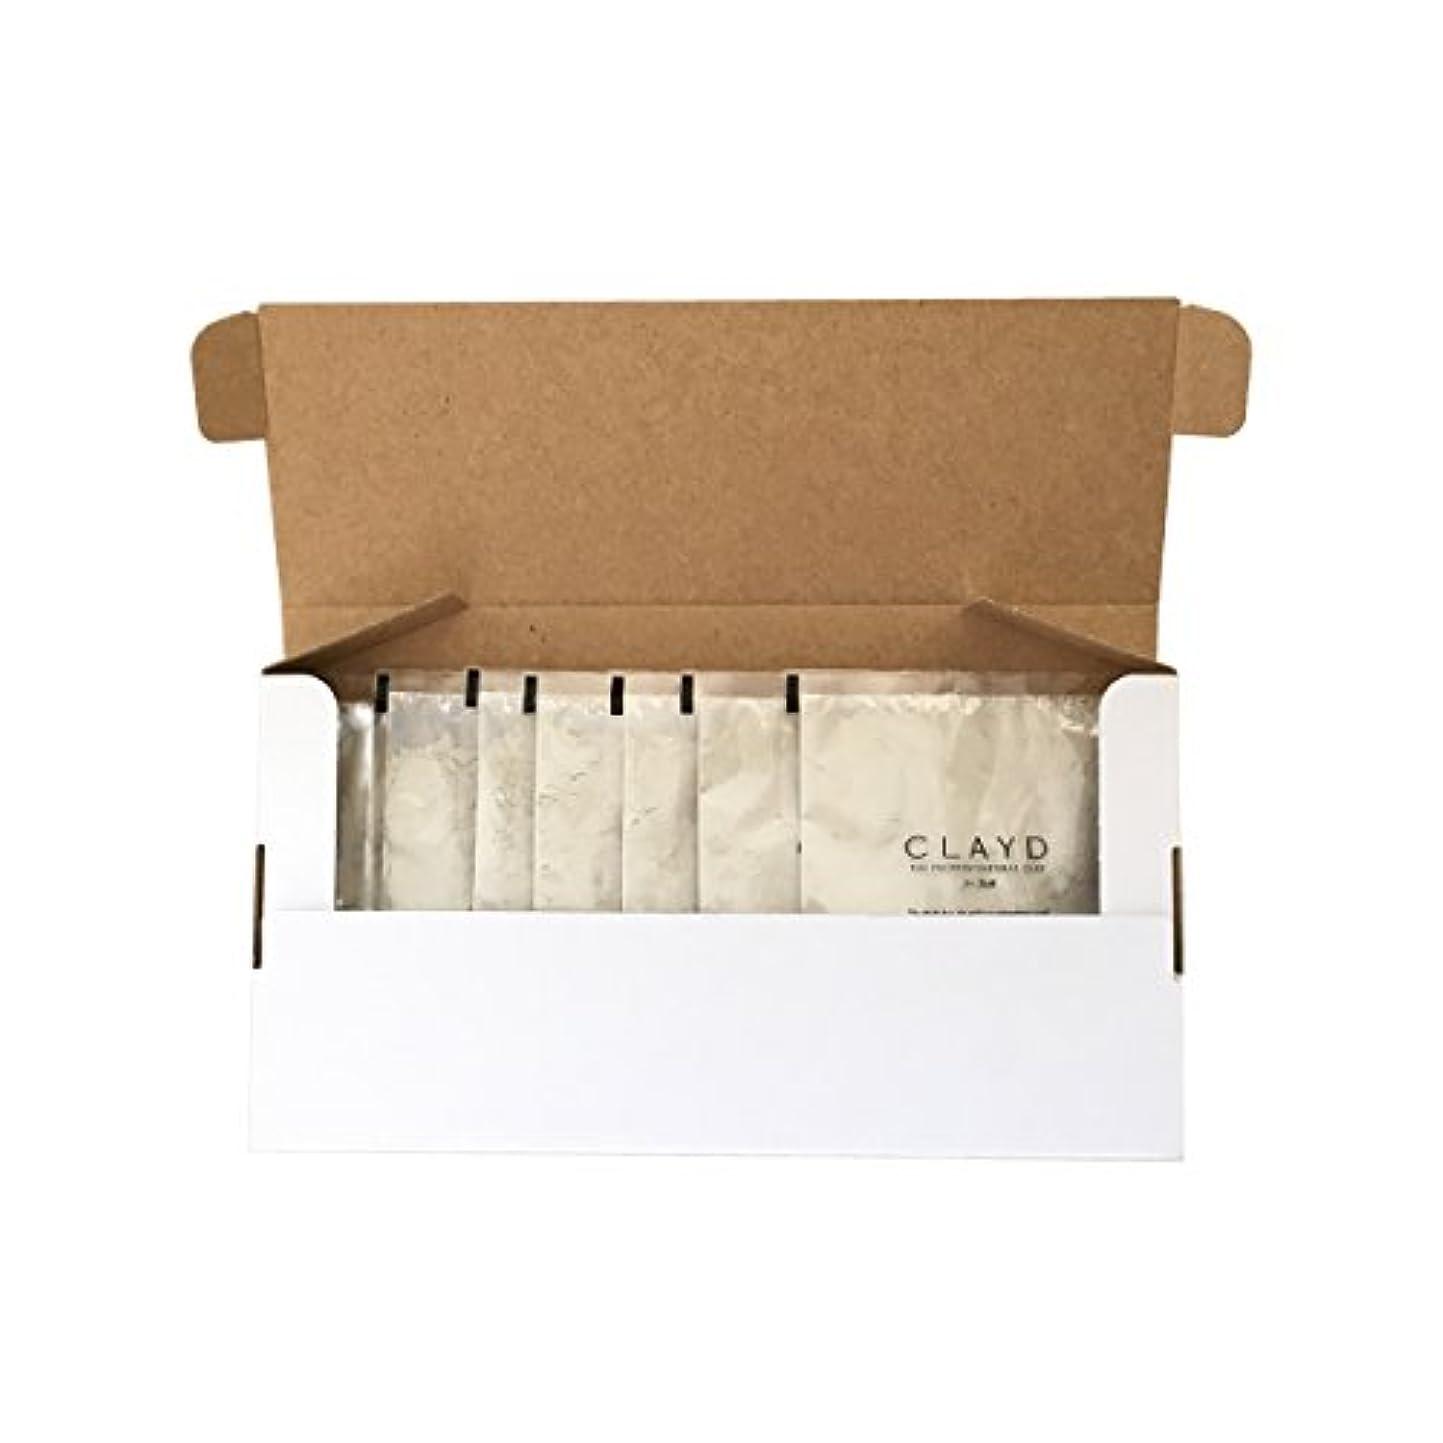 占めるピストン漏れCLAYD for Bath(クレイドフォーバス)ONE WEEK TRIAL(30g×7袋)